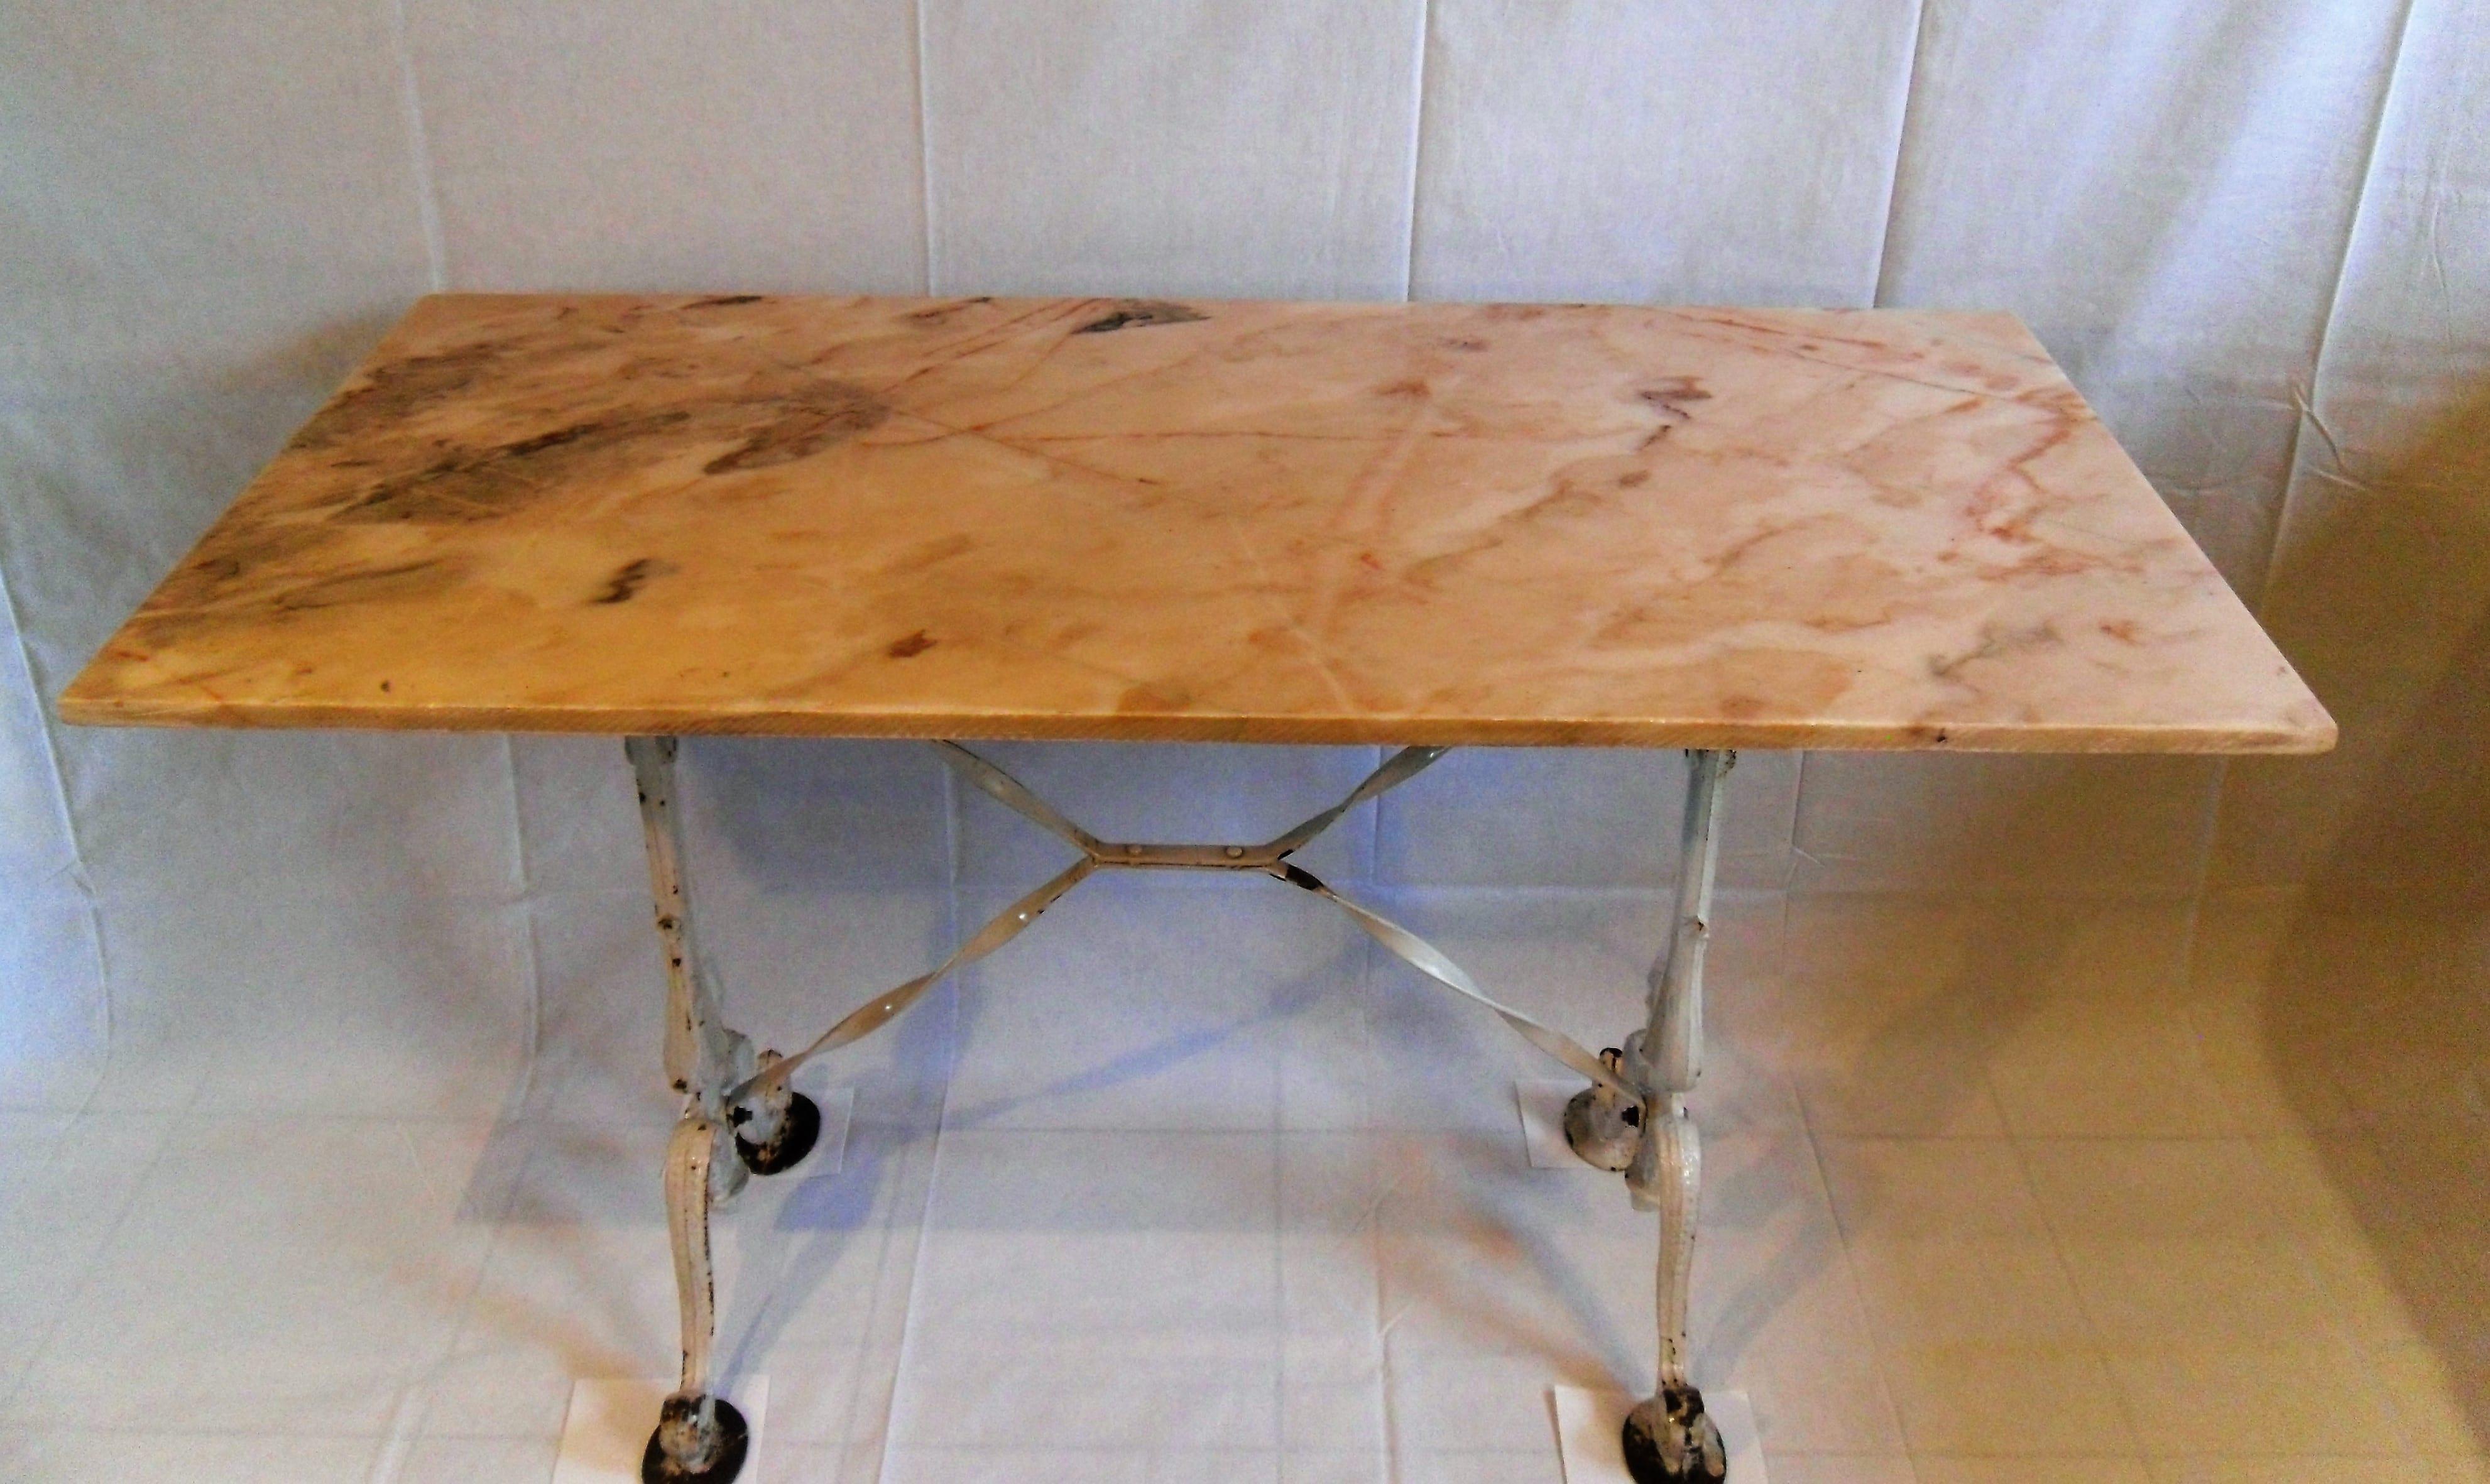 Antieke Bijzettafel Met Marmeren Blad.Antieke Retro Smeedijzeren Bistro Tafel Met Marmeren Blad Bij De